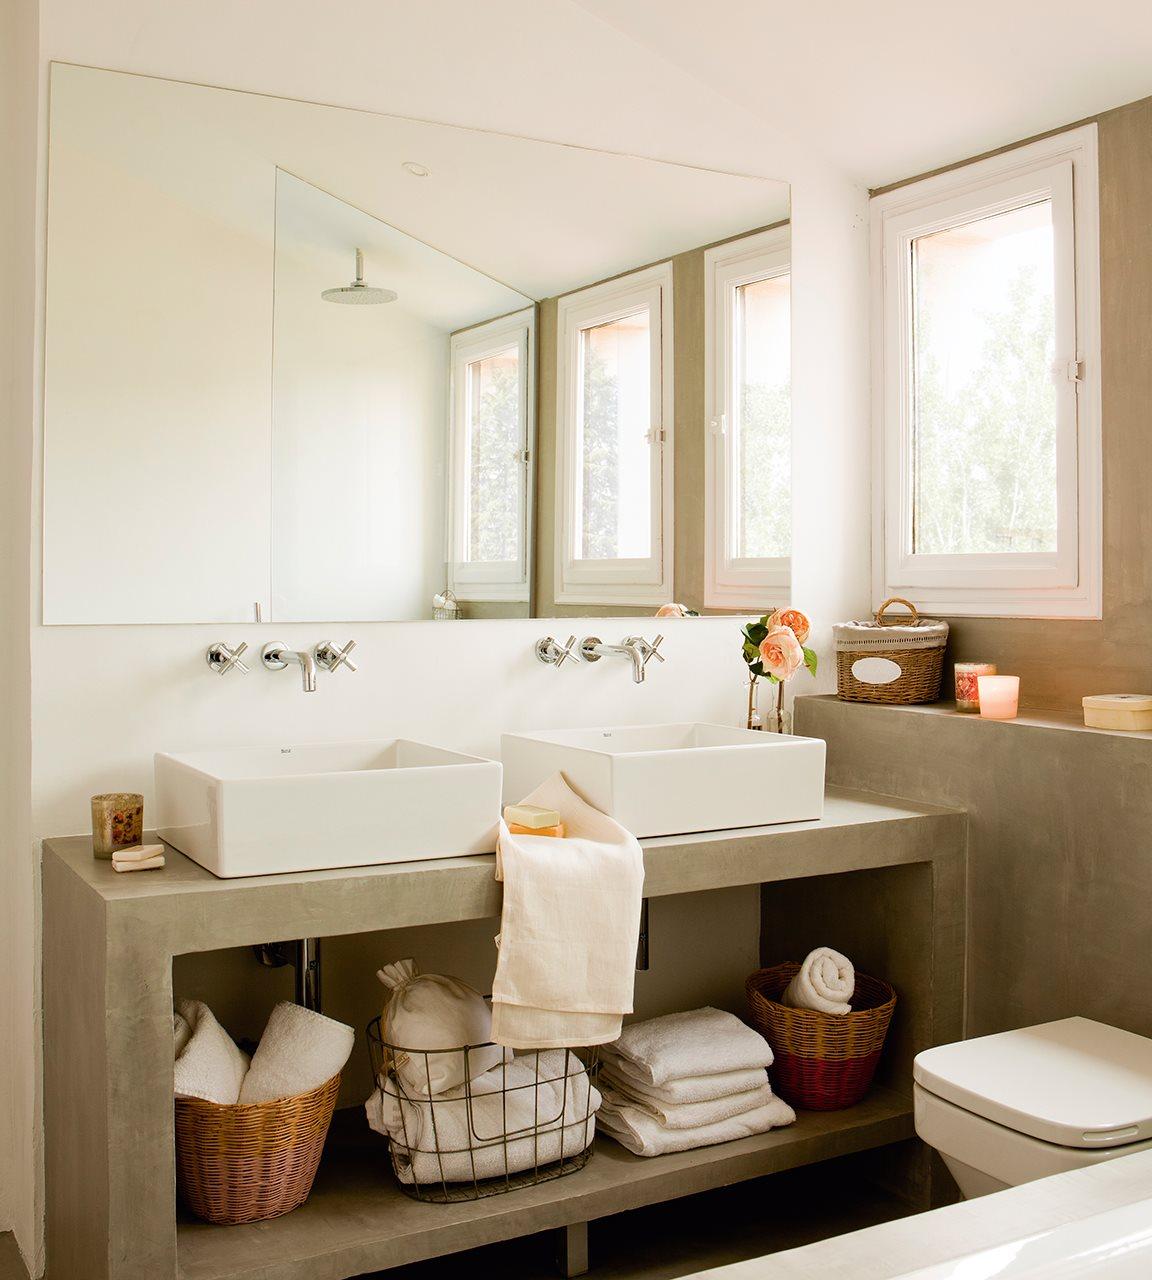 5 espacios mini que lo tienen todo - Lavamanos sobre encimera ...